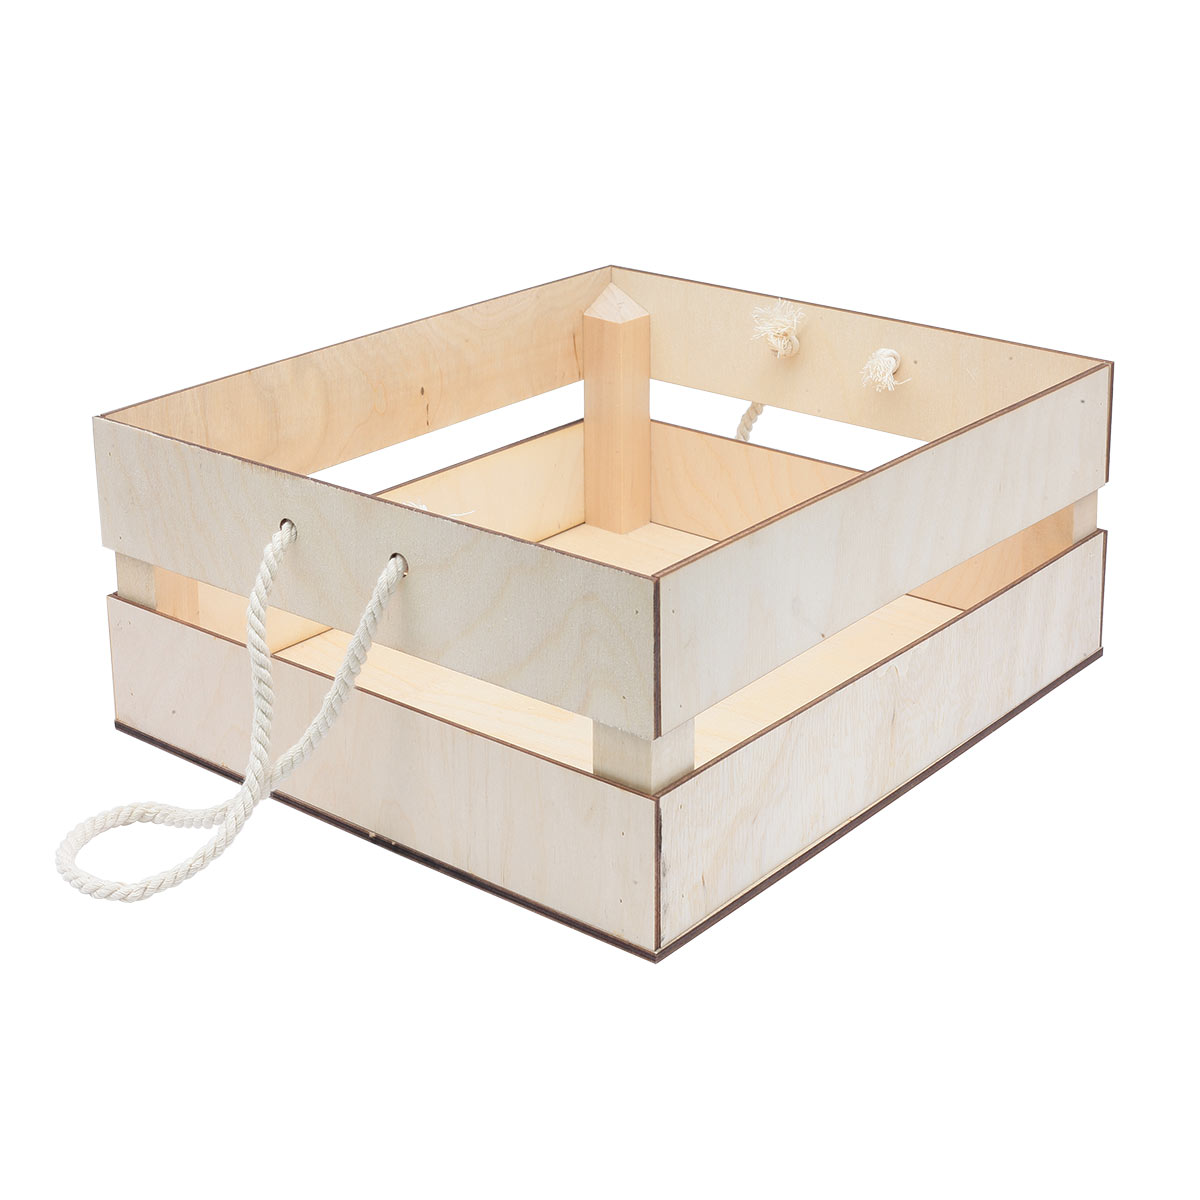 НА-019 Набор для оформления подарка 'Маффины', ящик 25*30 см, белый